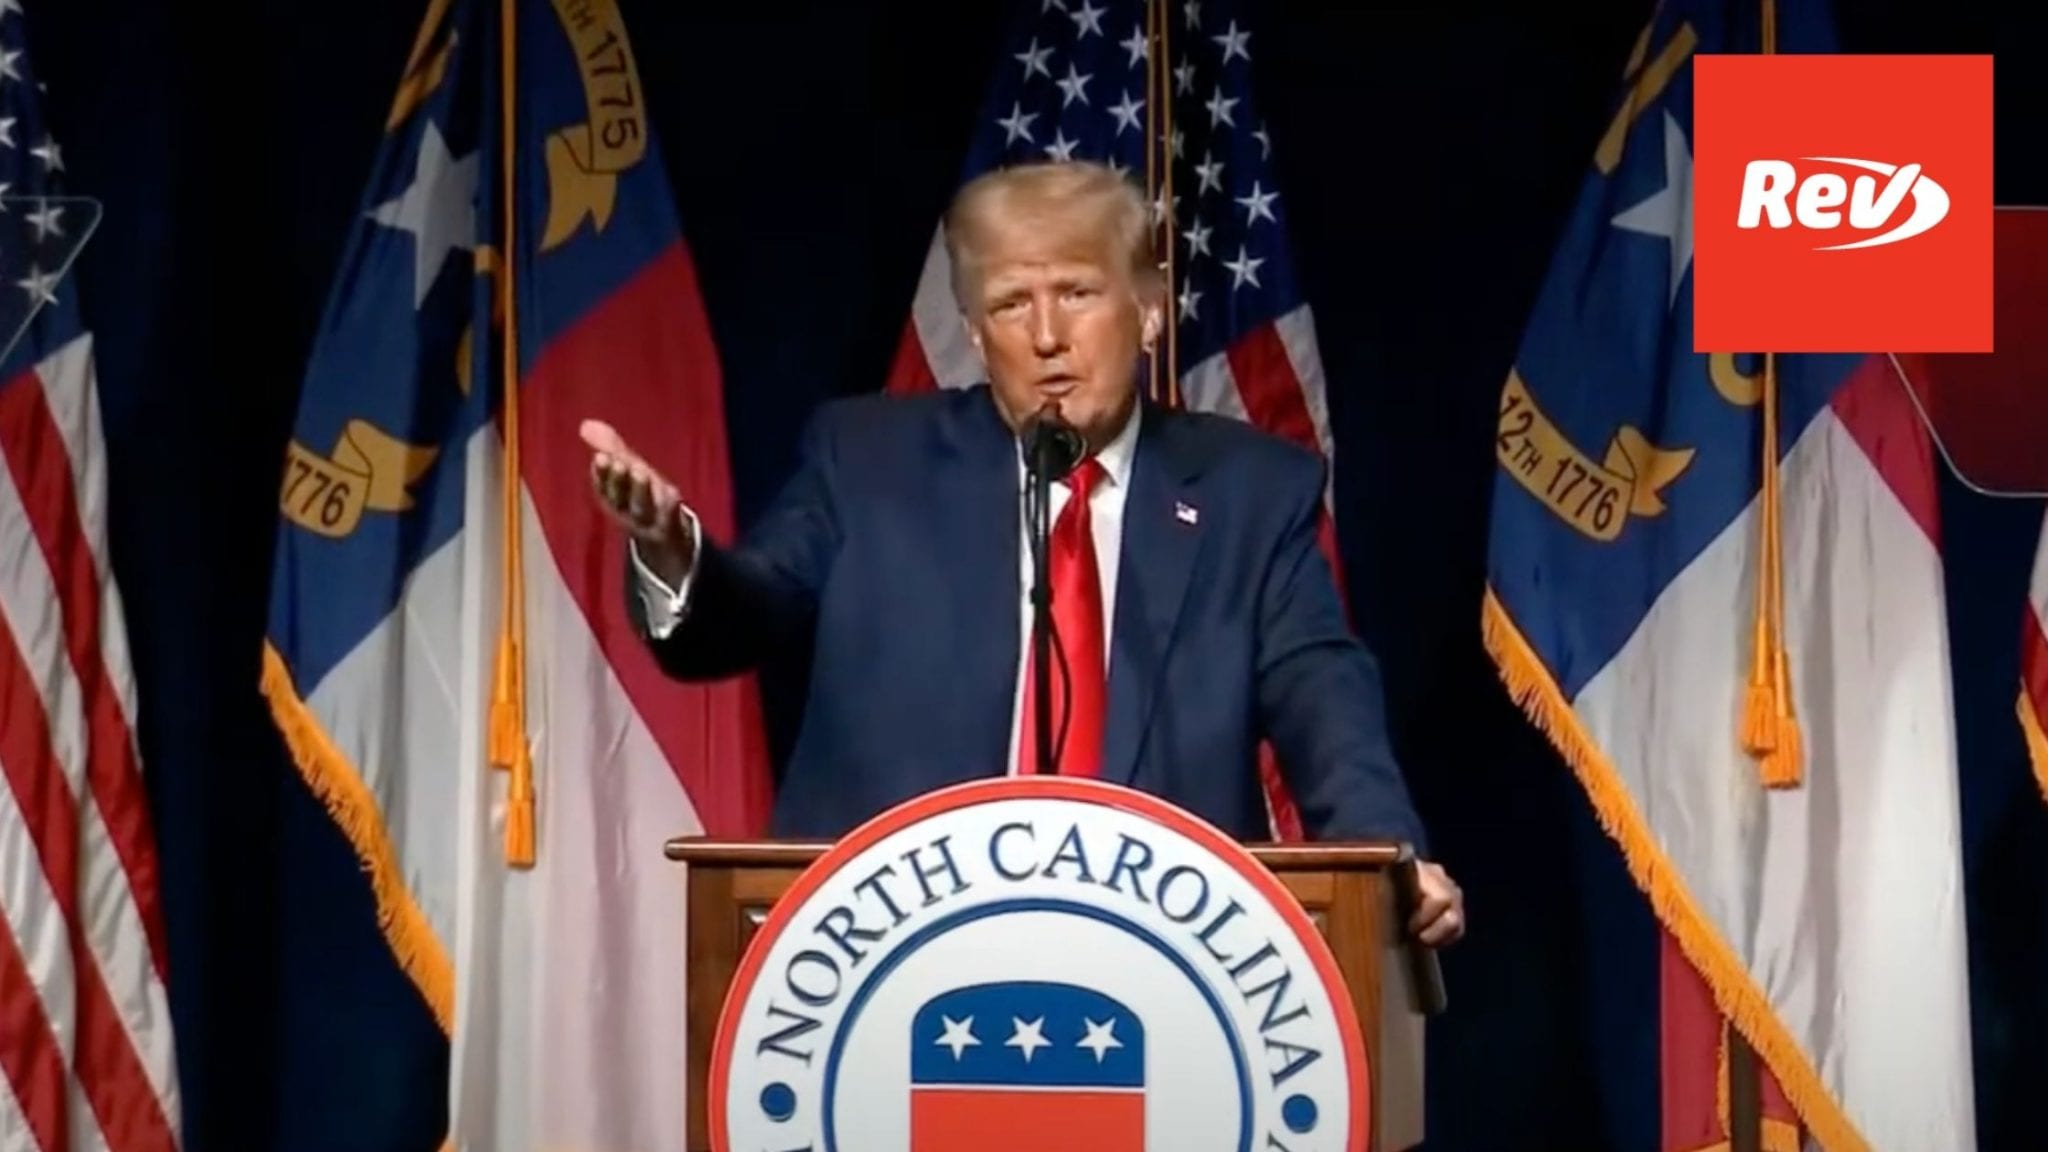 Donald Trump Speech Transcript at North Carolina GOP Convention Dinner June 5 - Rev